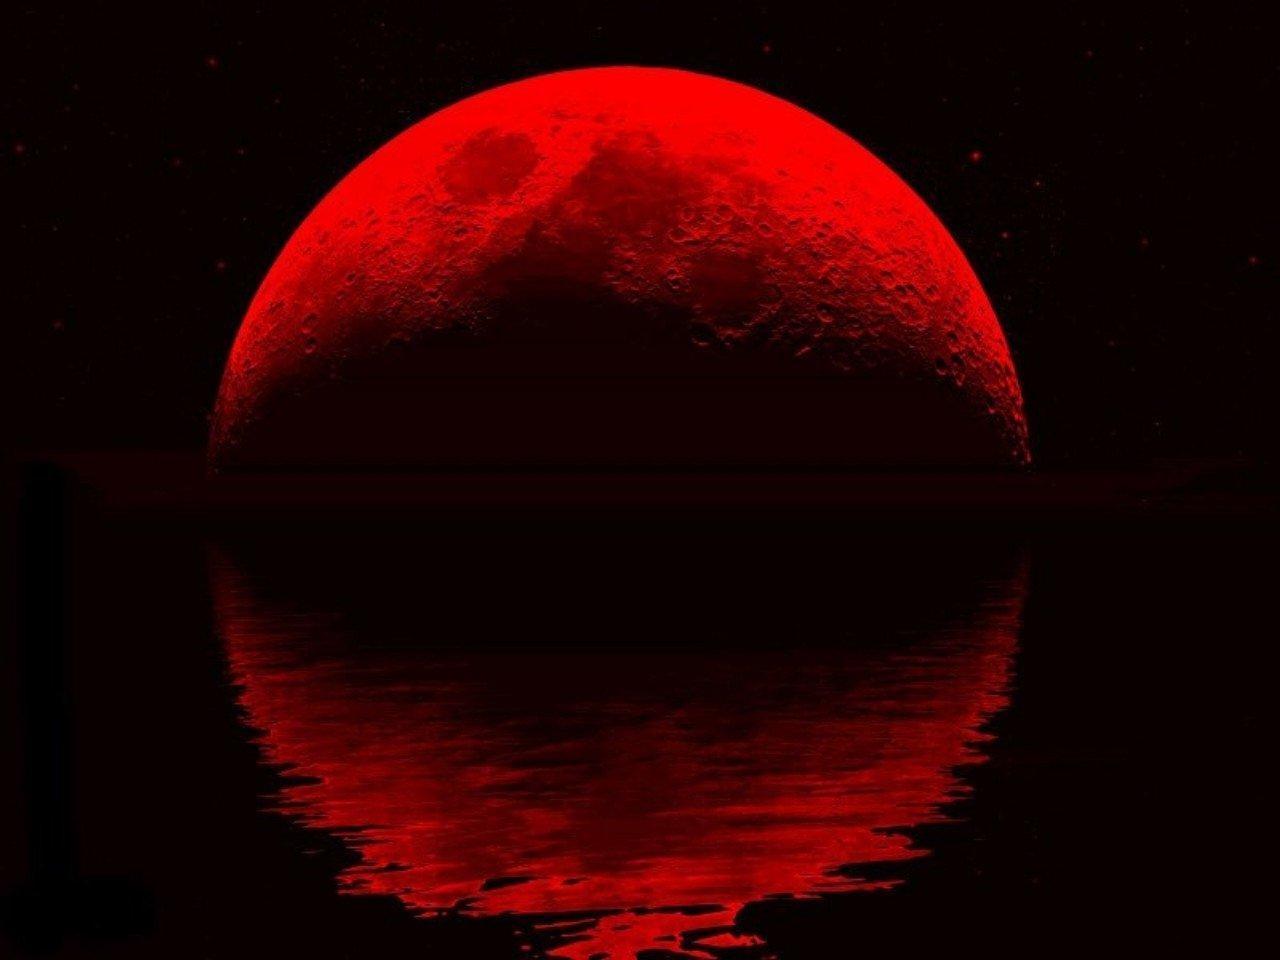 red blood wallpaper hd wwwpixsharkcom images